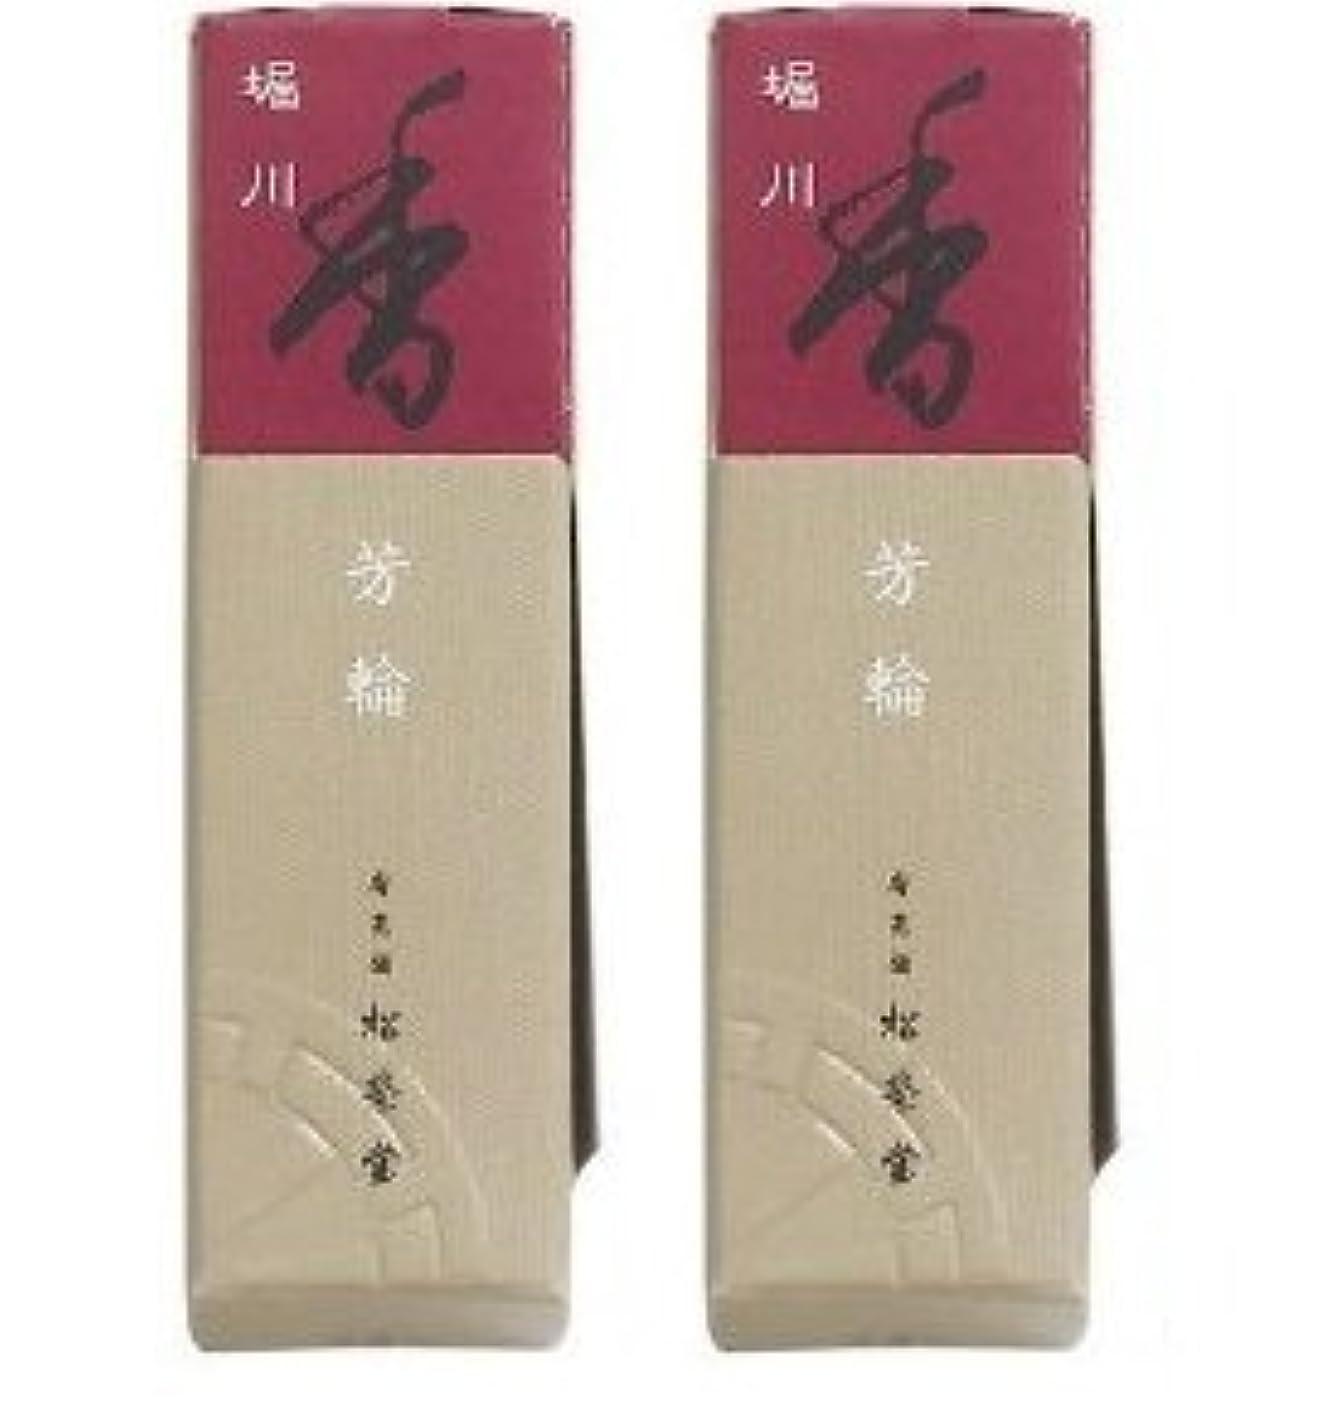 ミット一貫性のない過度の松栄堂 芳輪 堀川 スティック20本入 2箱セット